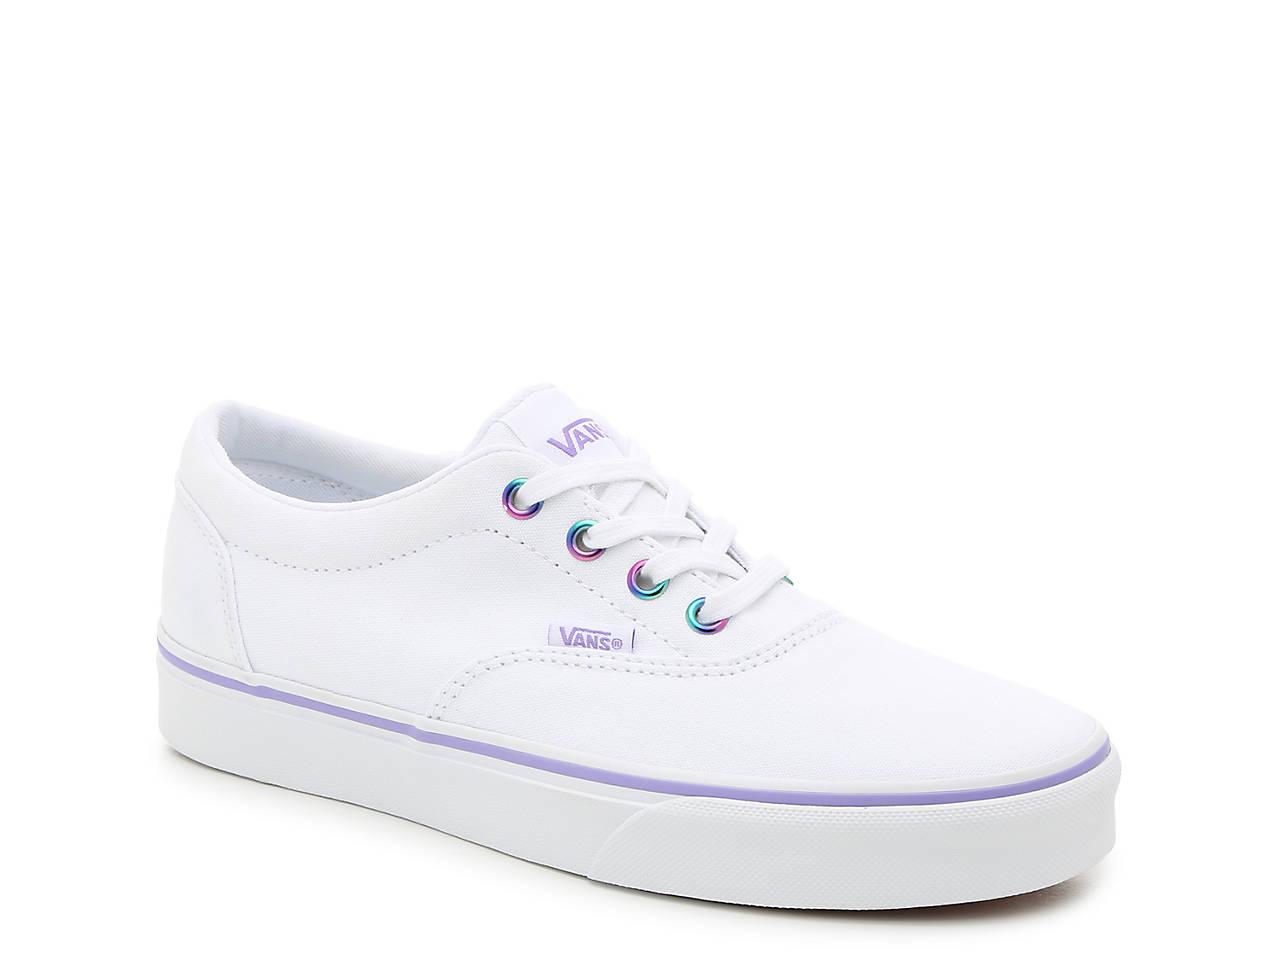 c6fcbeb446a276 Vans Doheny Sneaker - Women s Women s Shoes